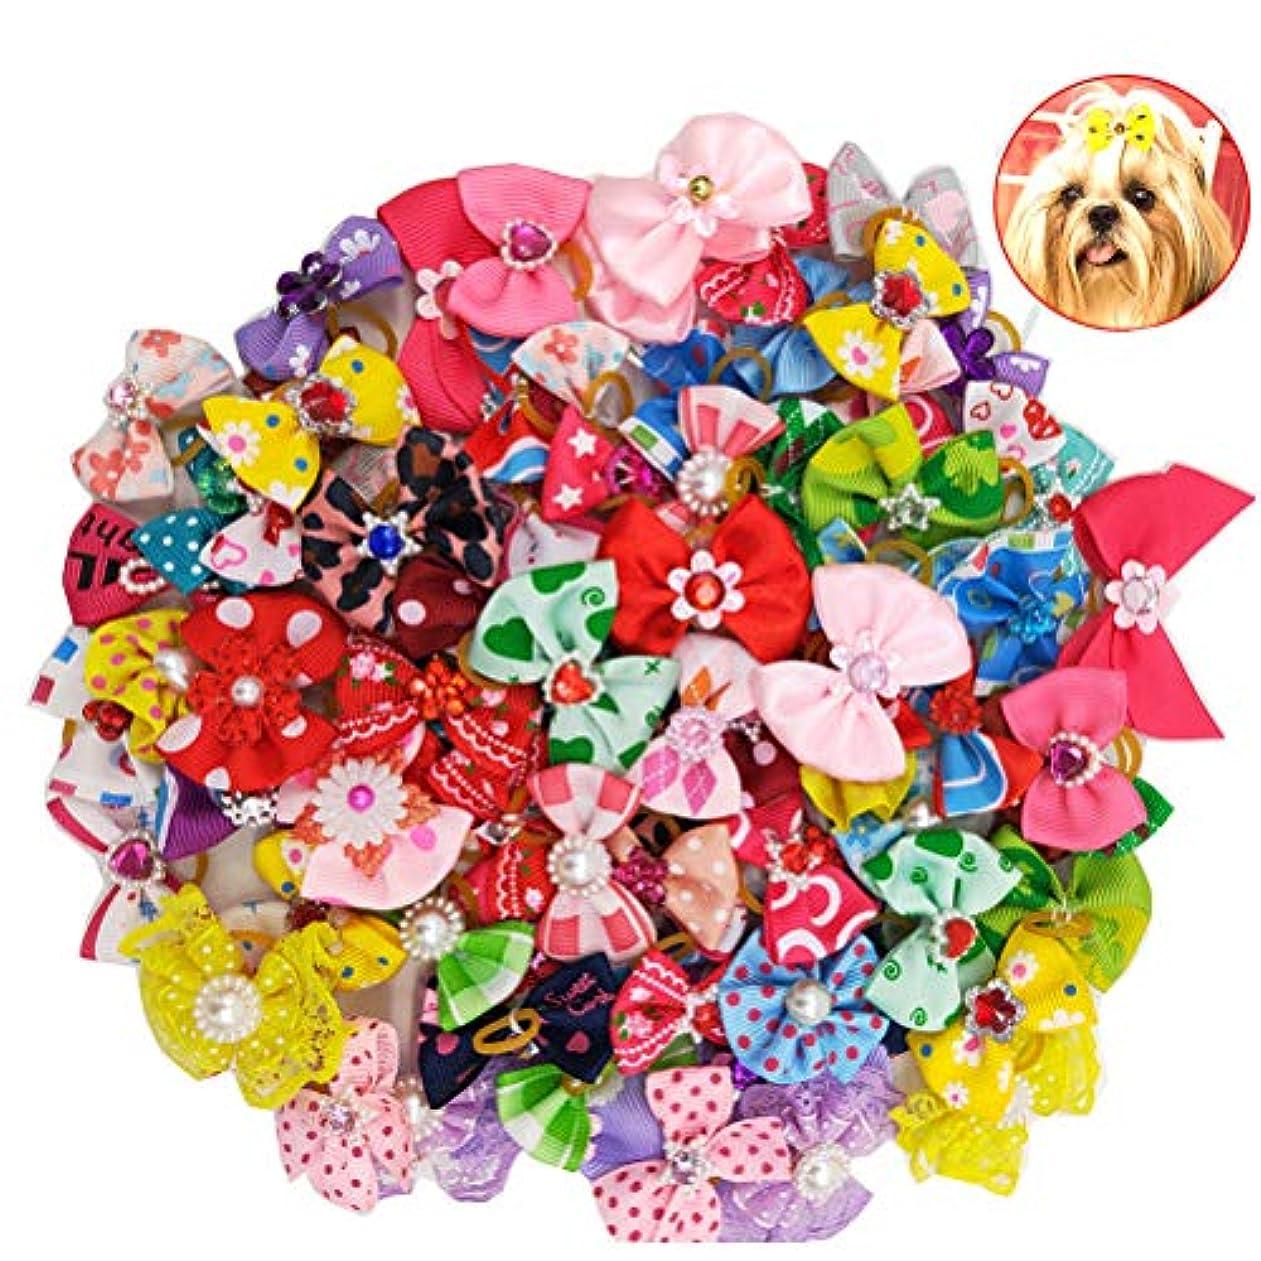 バターブラウザメーターBalacoo 50個入り多色犬の髪の弓とゴムバンド弾性髪のバンドちょう結び帽子の帽子猫の犬のための(混合色)